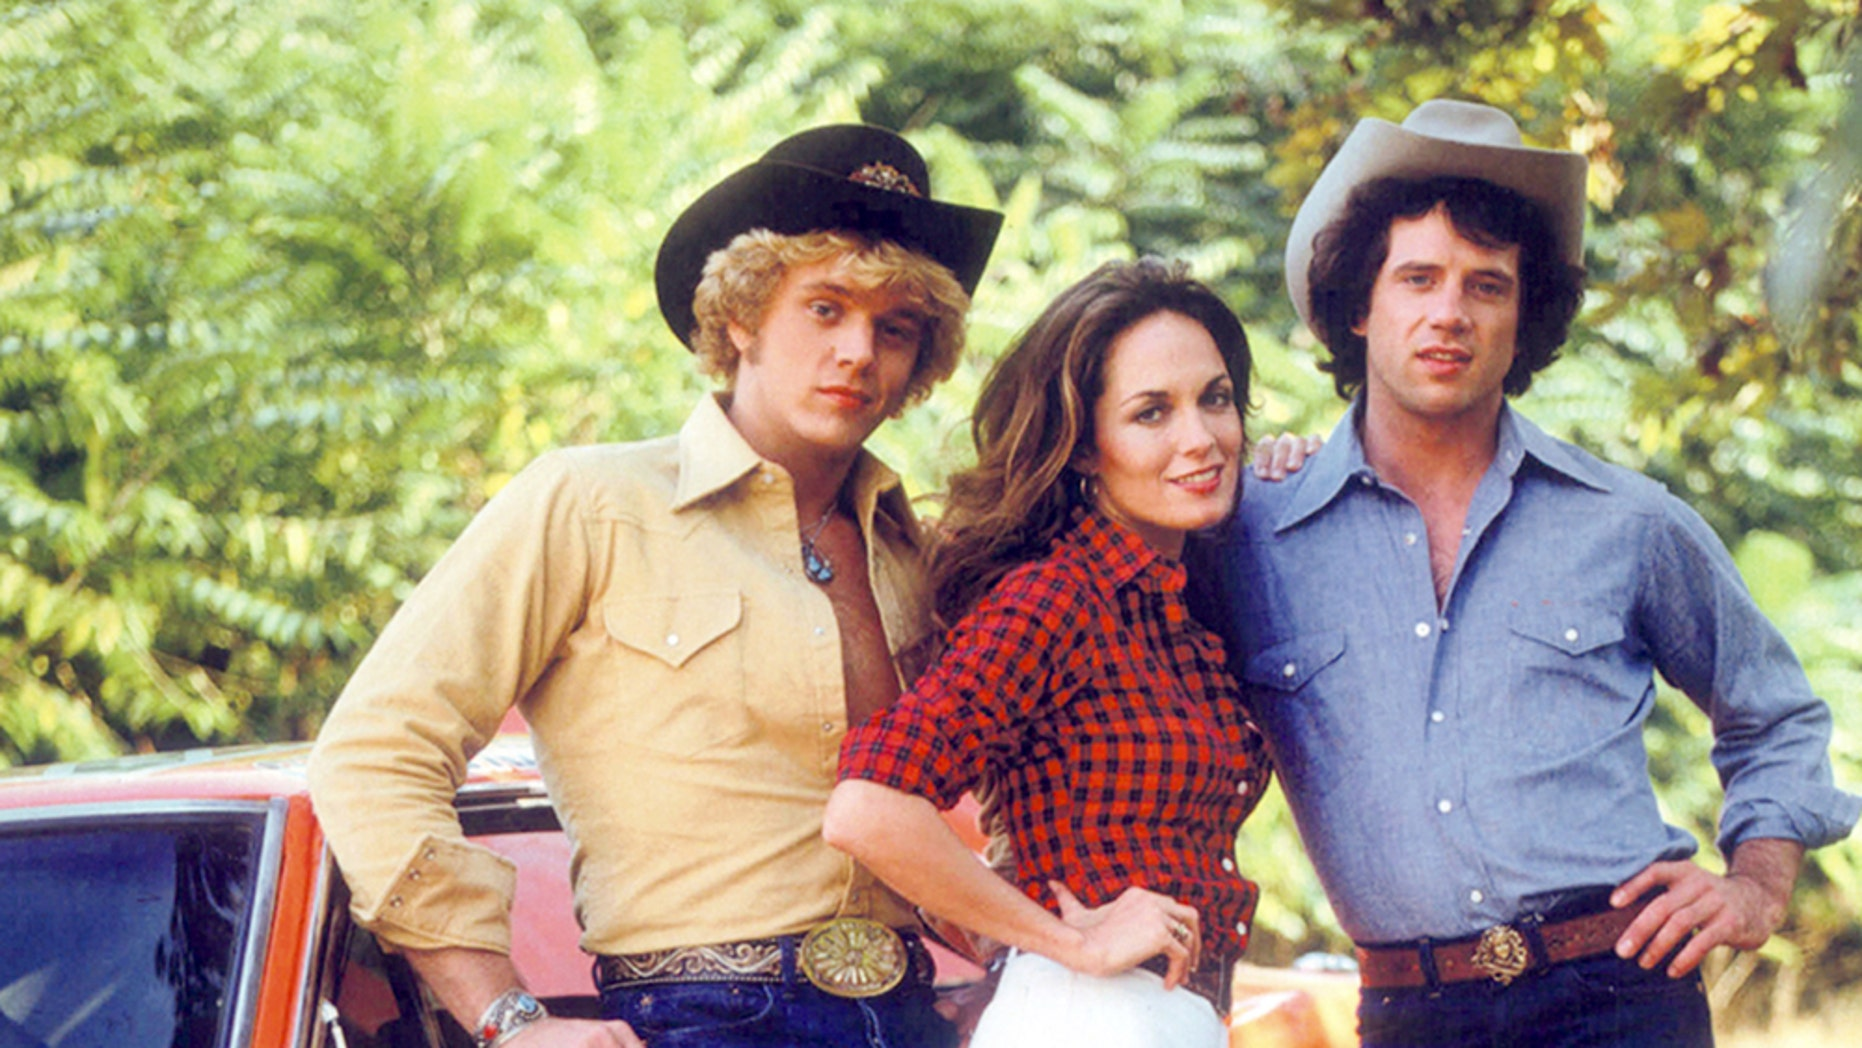 """جان اسنایدر، کاترین باچ و تام ووپت در یک پرتره تبلیغاتی برای نمایش تلویزیونی """"سلطنتی هزاره""""، حدود 1980. آنها به ترتیب بو، دیزی و لوک دوک بازی می کنند."""